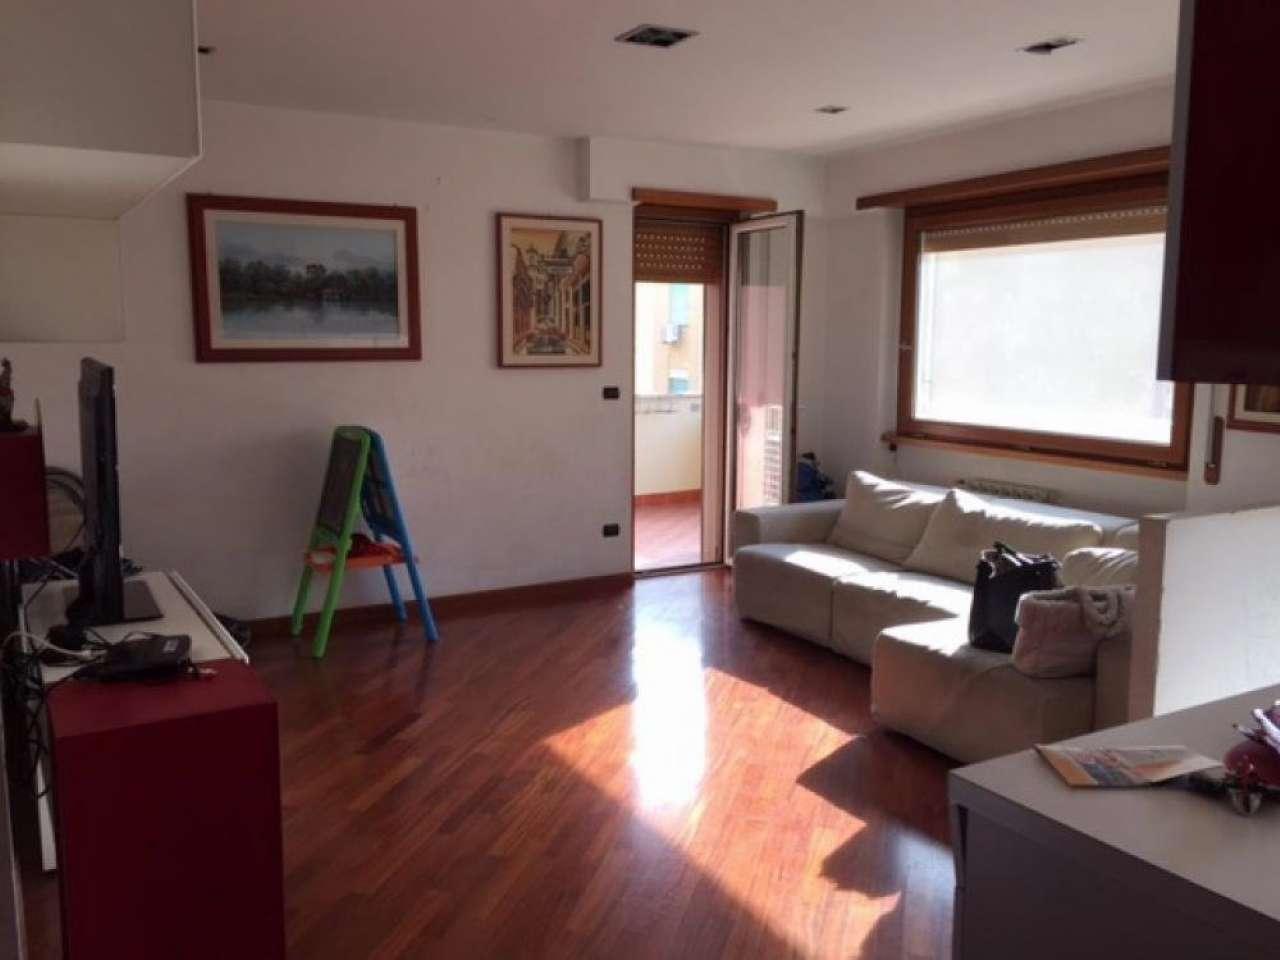 Appartamento in vendita 3 vani 65 mq.  via dei Velieri Roma